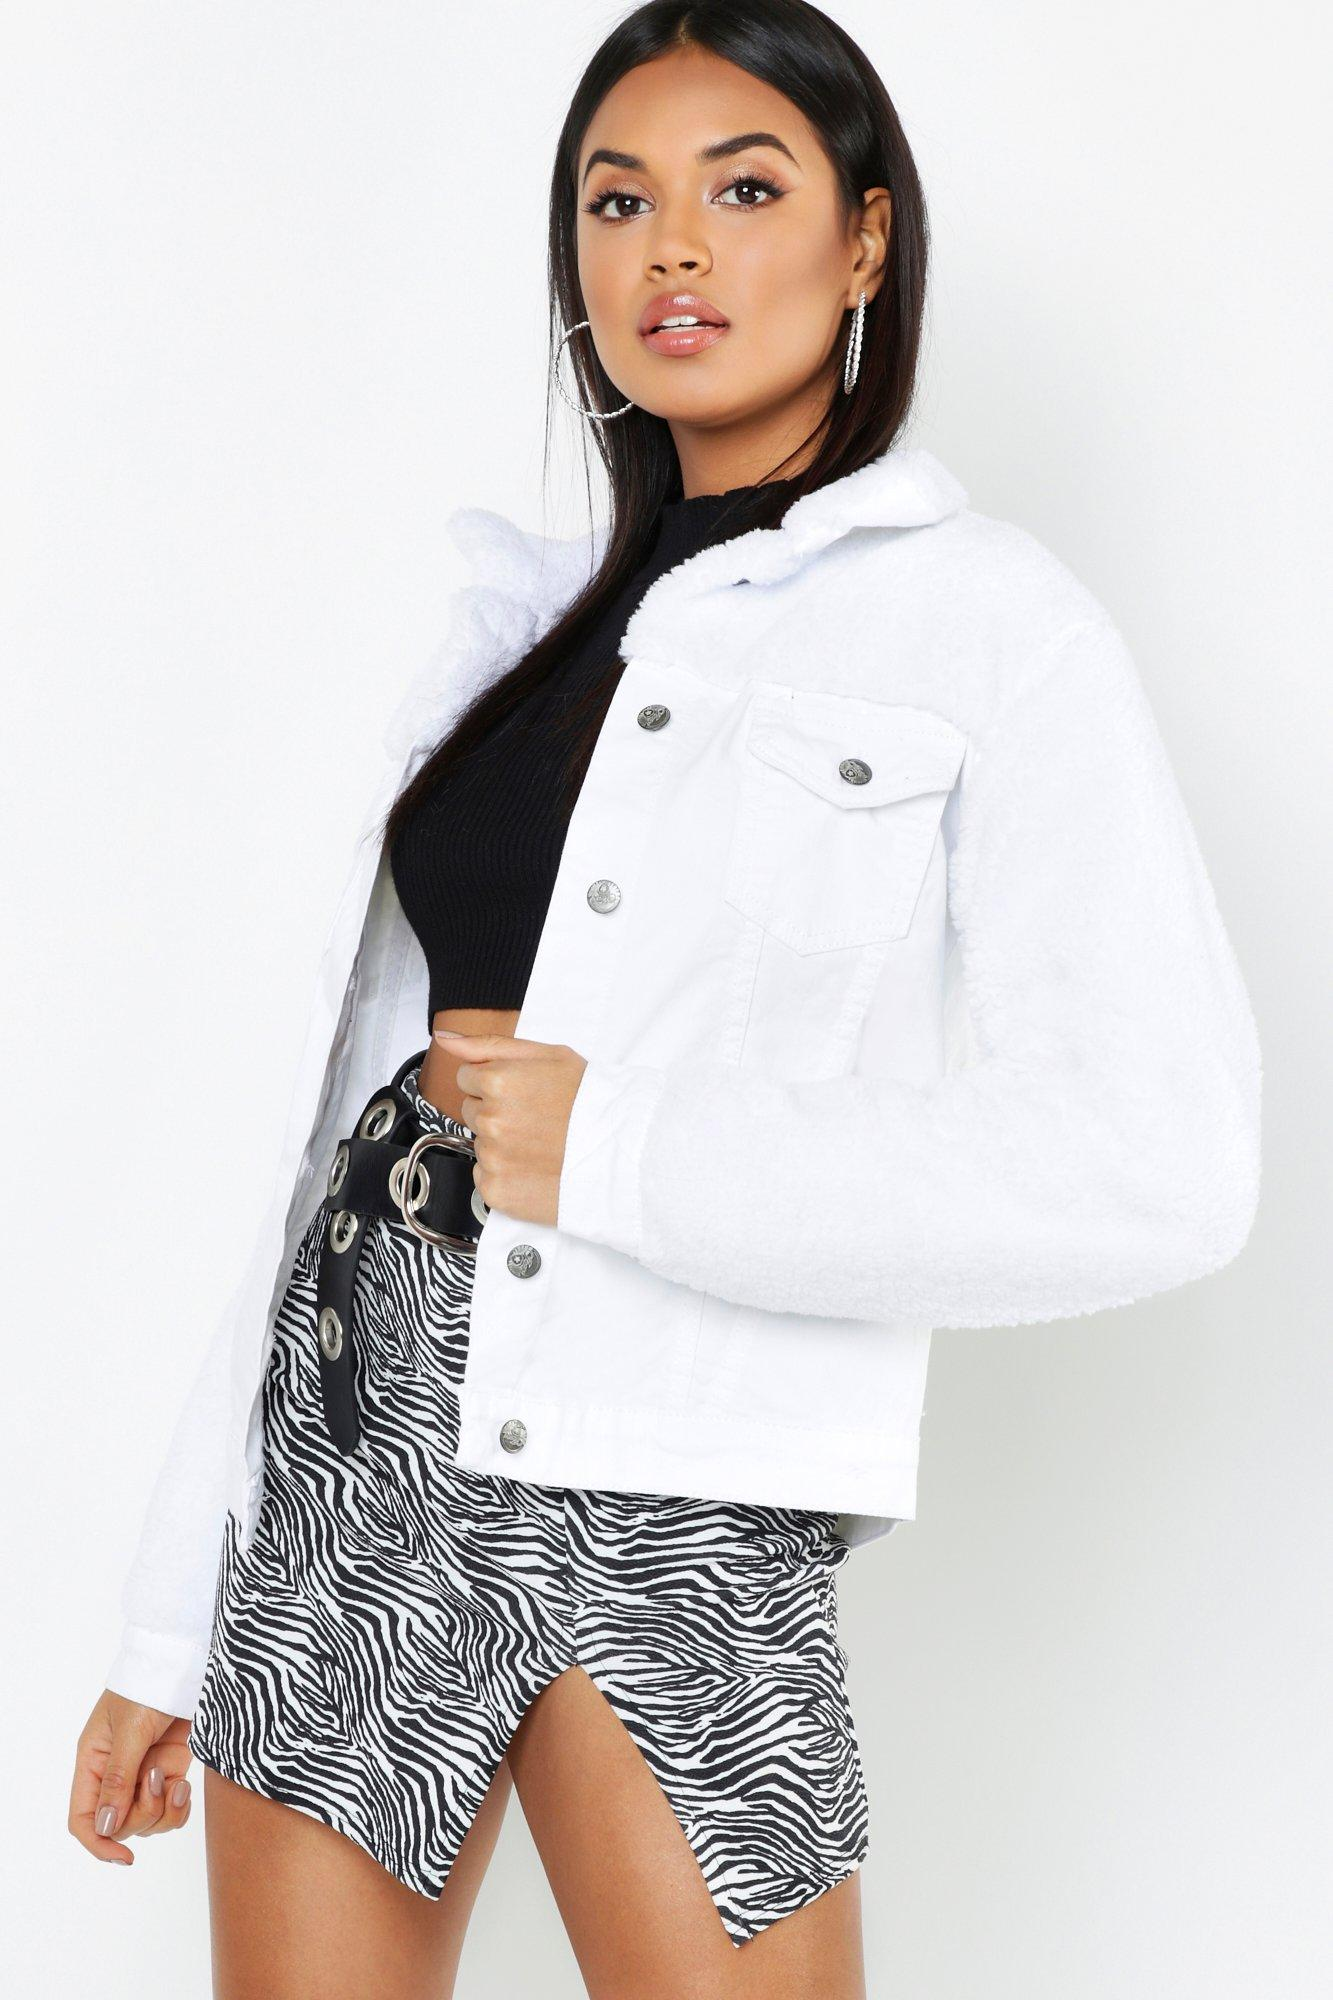 Купить Coats & Jackets, Комбинезон White Пиджак из денима Trucker с рукавами, boohoo